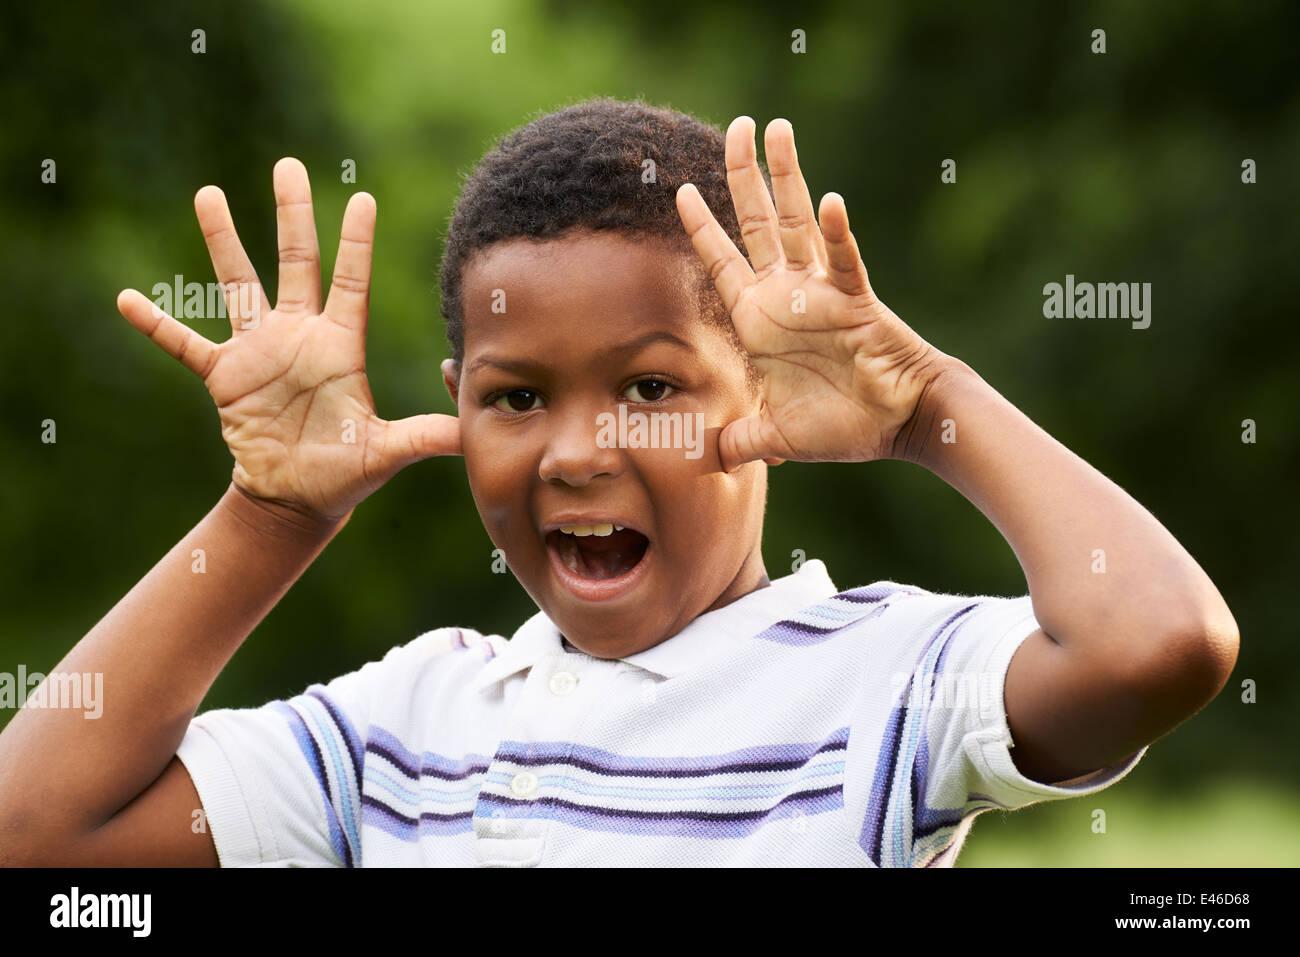 Retrato de niño negro feliz haciendo una cara y hacer muecas en la cámara al aire libre en el parque Imagen De Stock